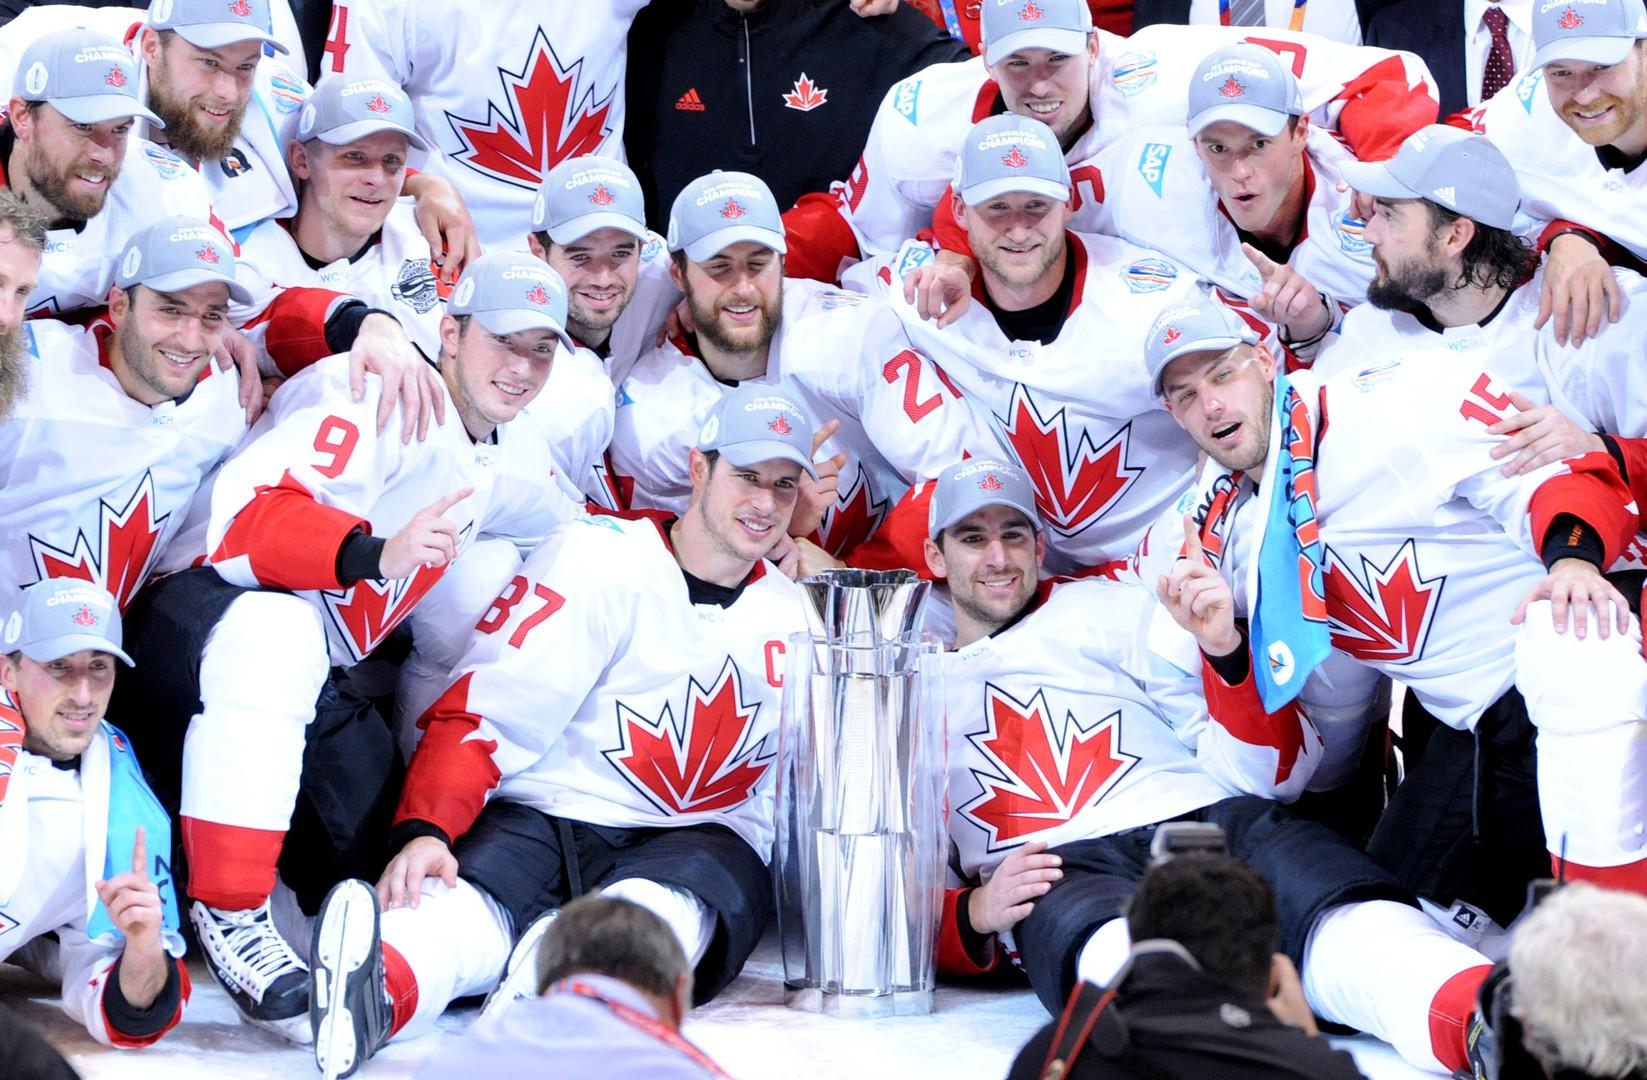 Кубок мира для Канады: как изменится мировой хоккей после главного турнира десятилетия